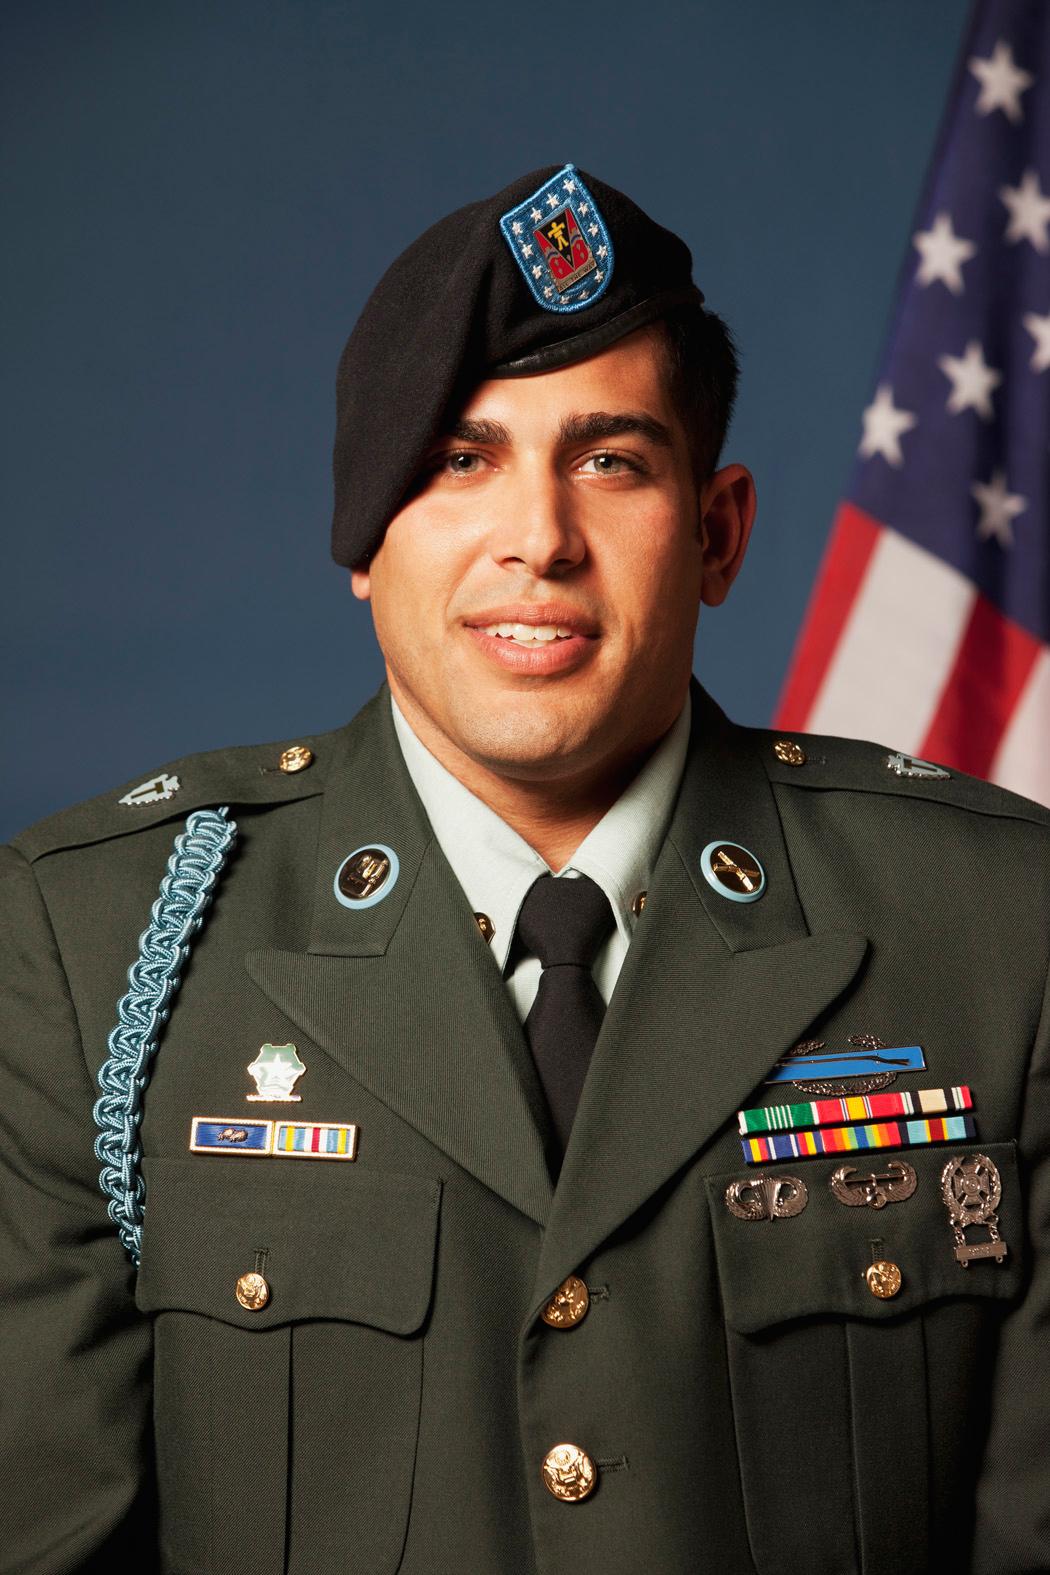 Caucasian soldier in uniform